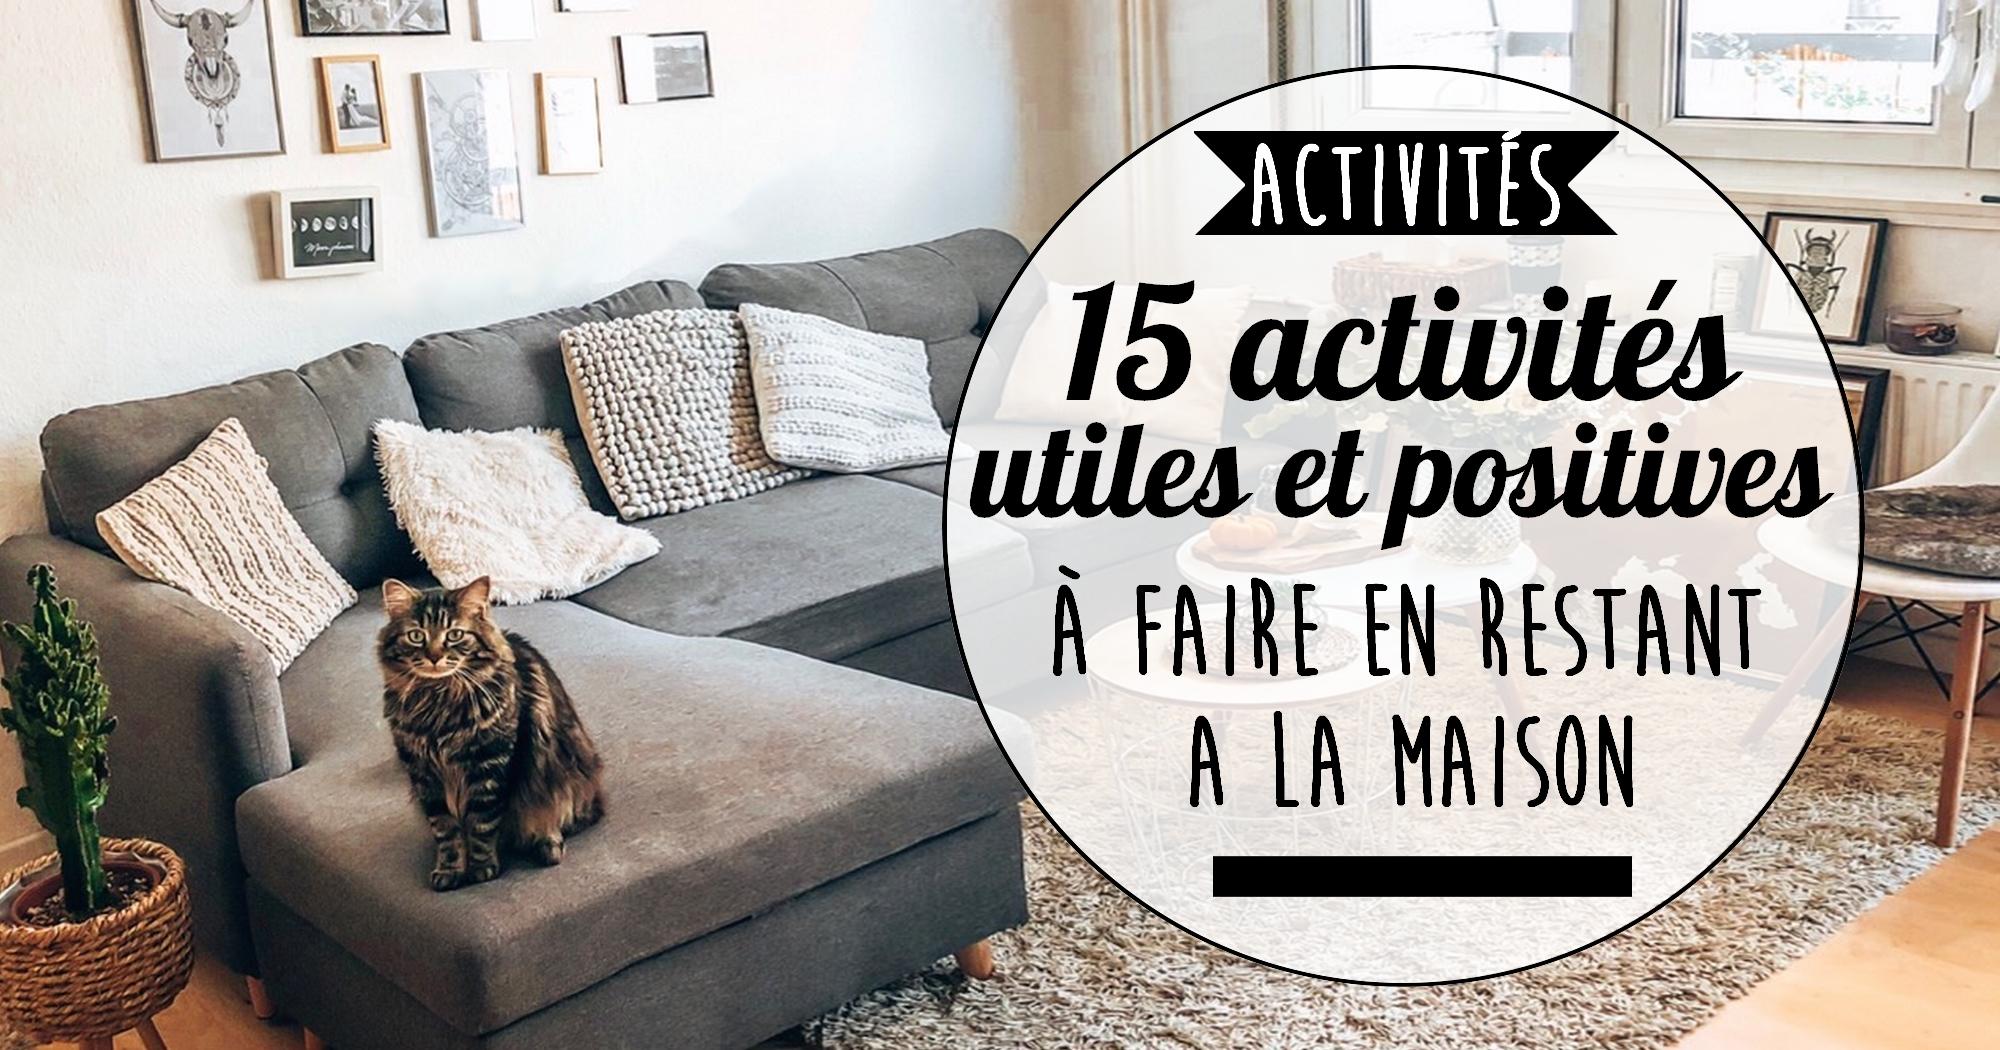 15 activités utiles et positives à faire en restant chez soi